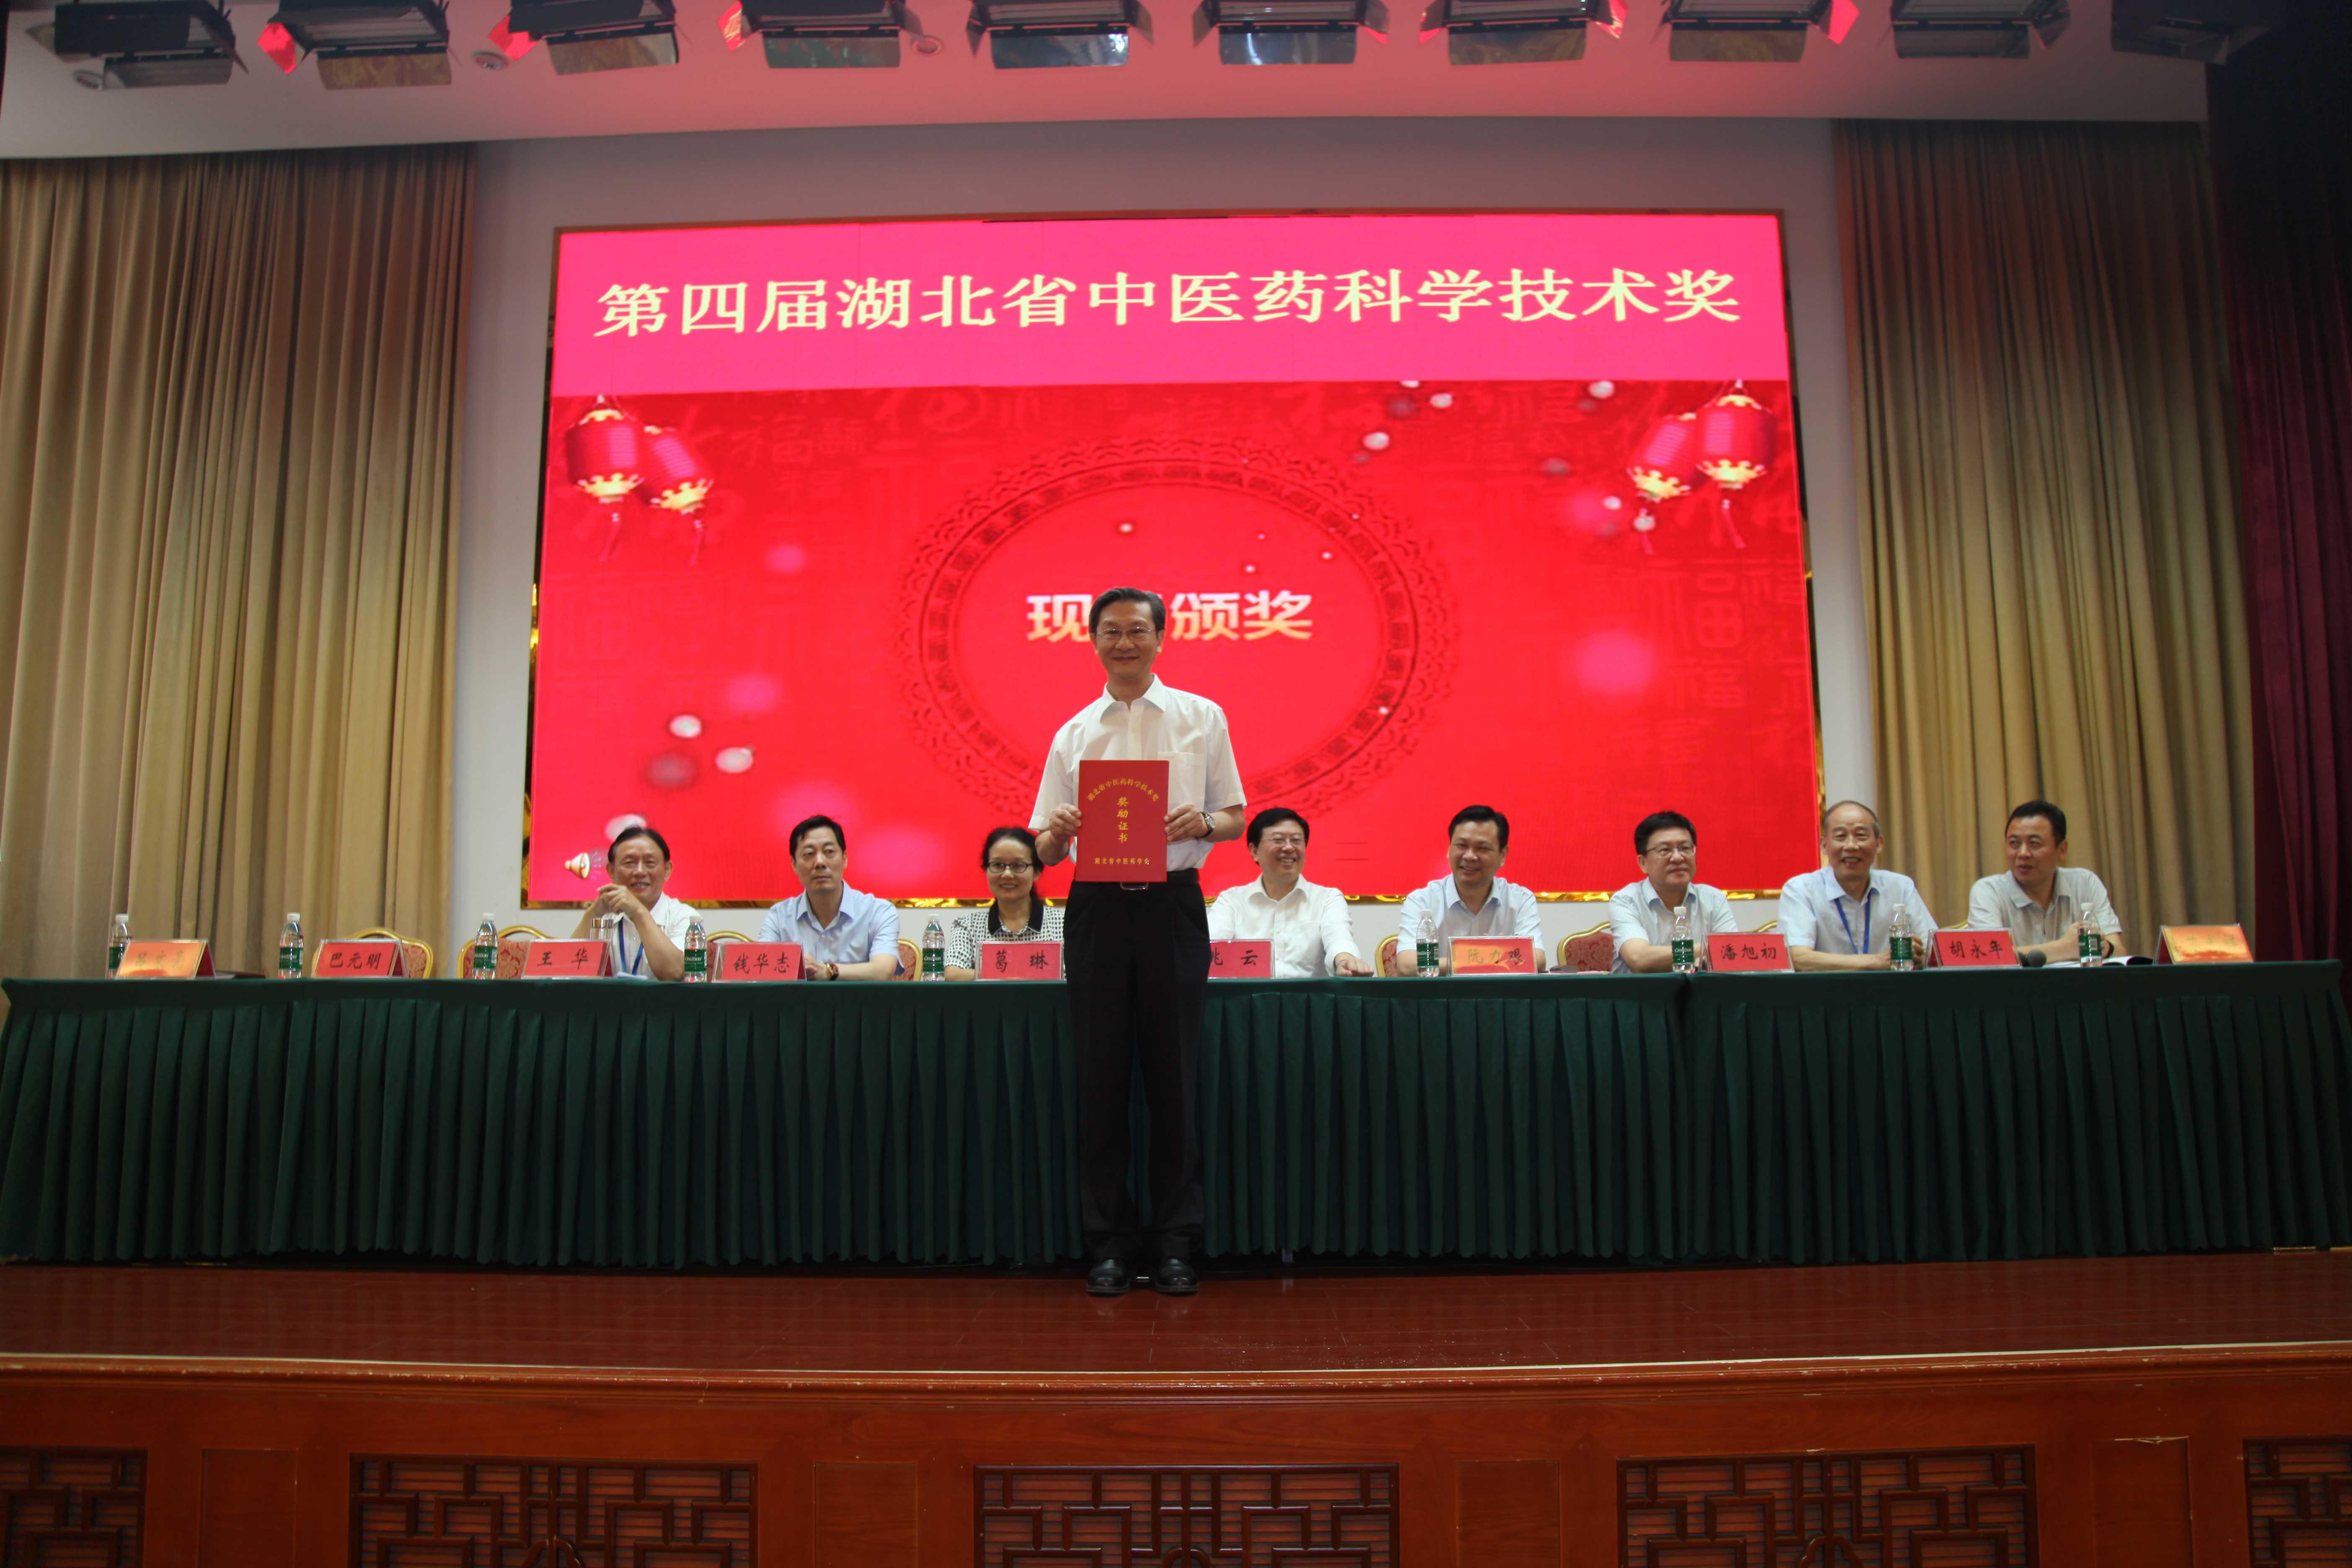 第四届湖北省中医药科学技术奖颁奖现场-一等奖